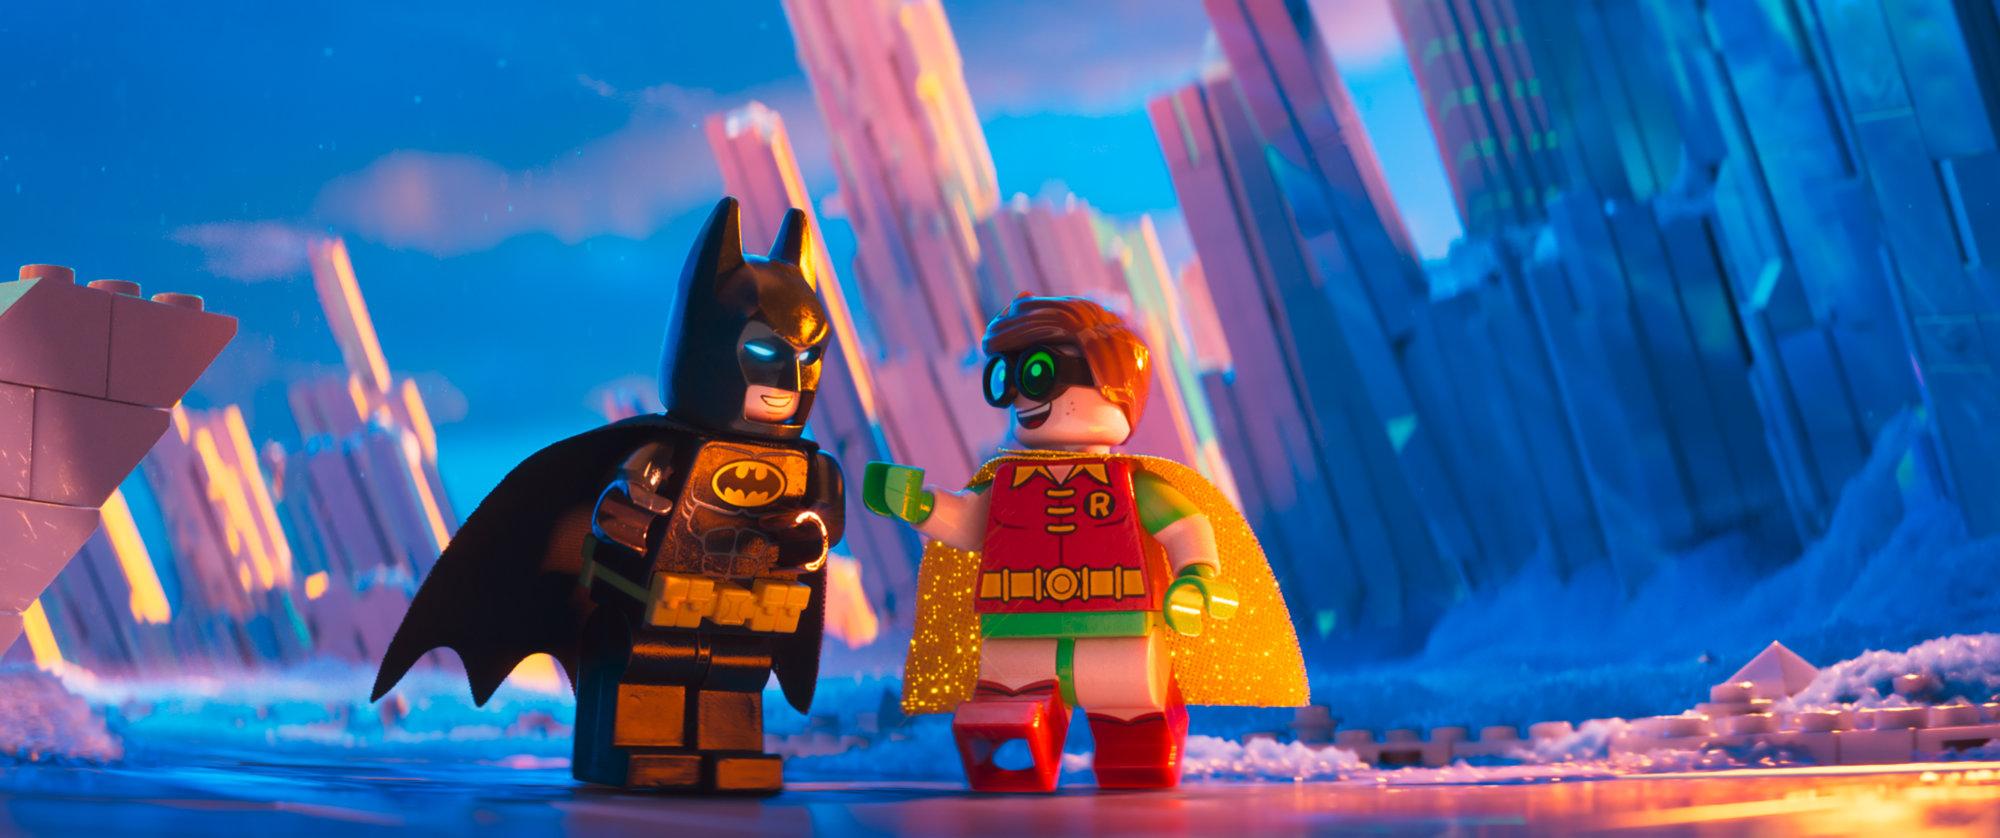 מתוך הסרט לגו באטמן